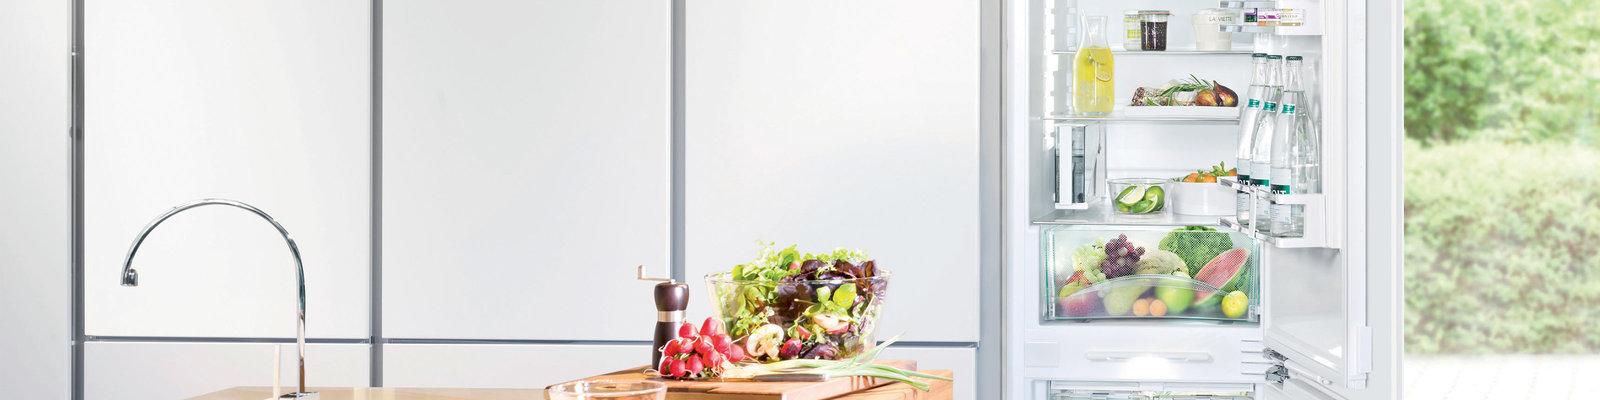 Liebherr Refrigeration and Wine Storage | Appliances Online